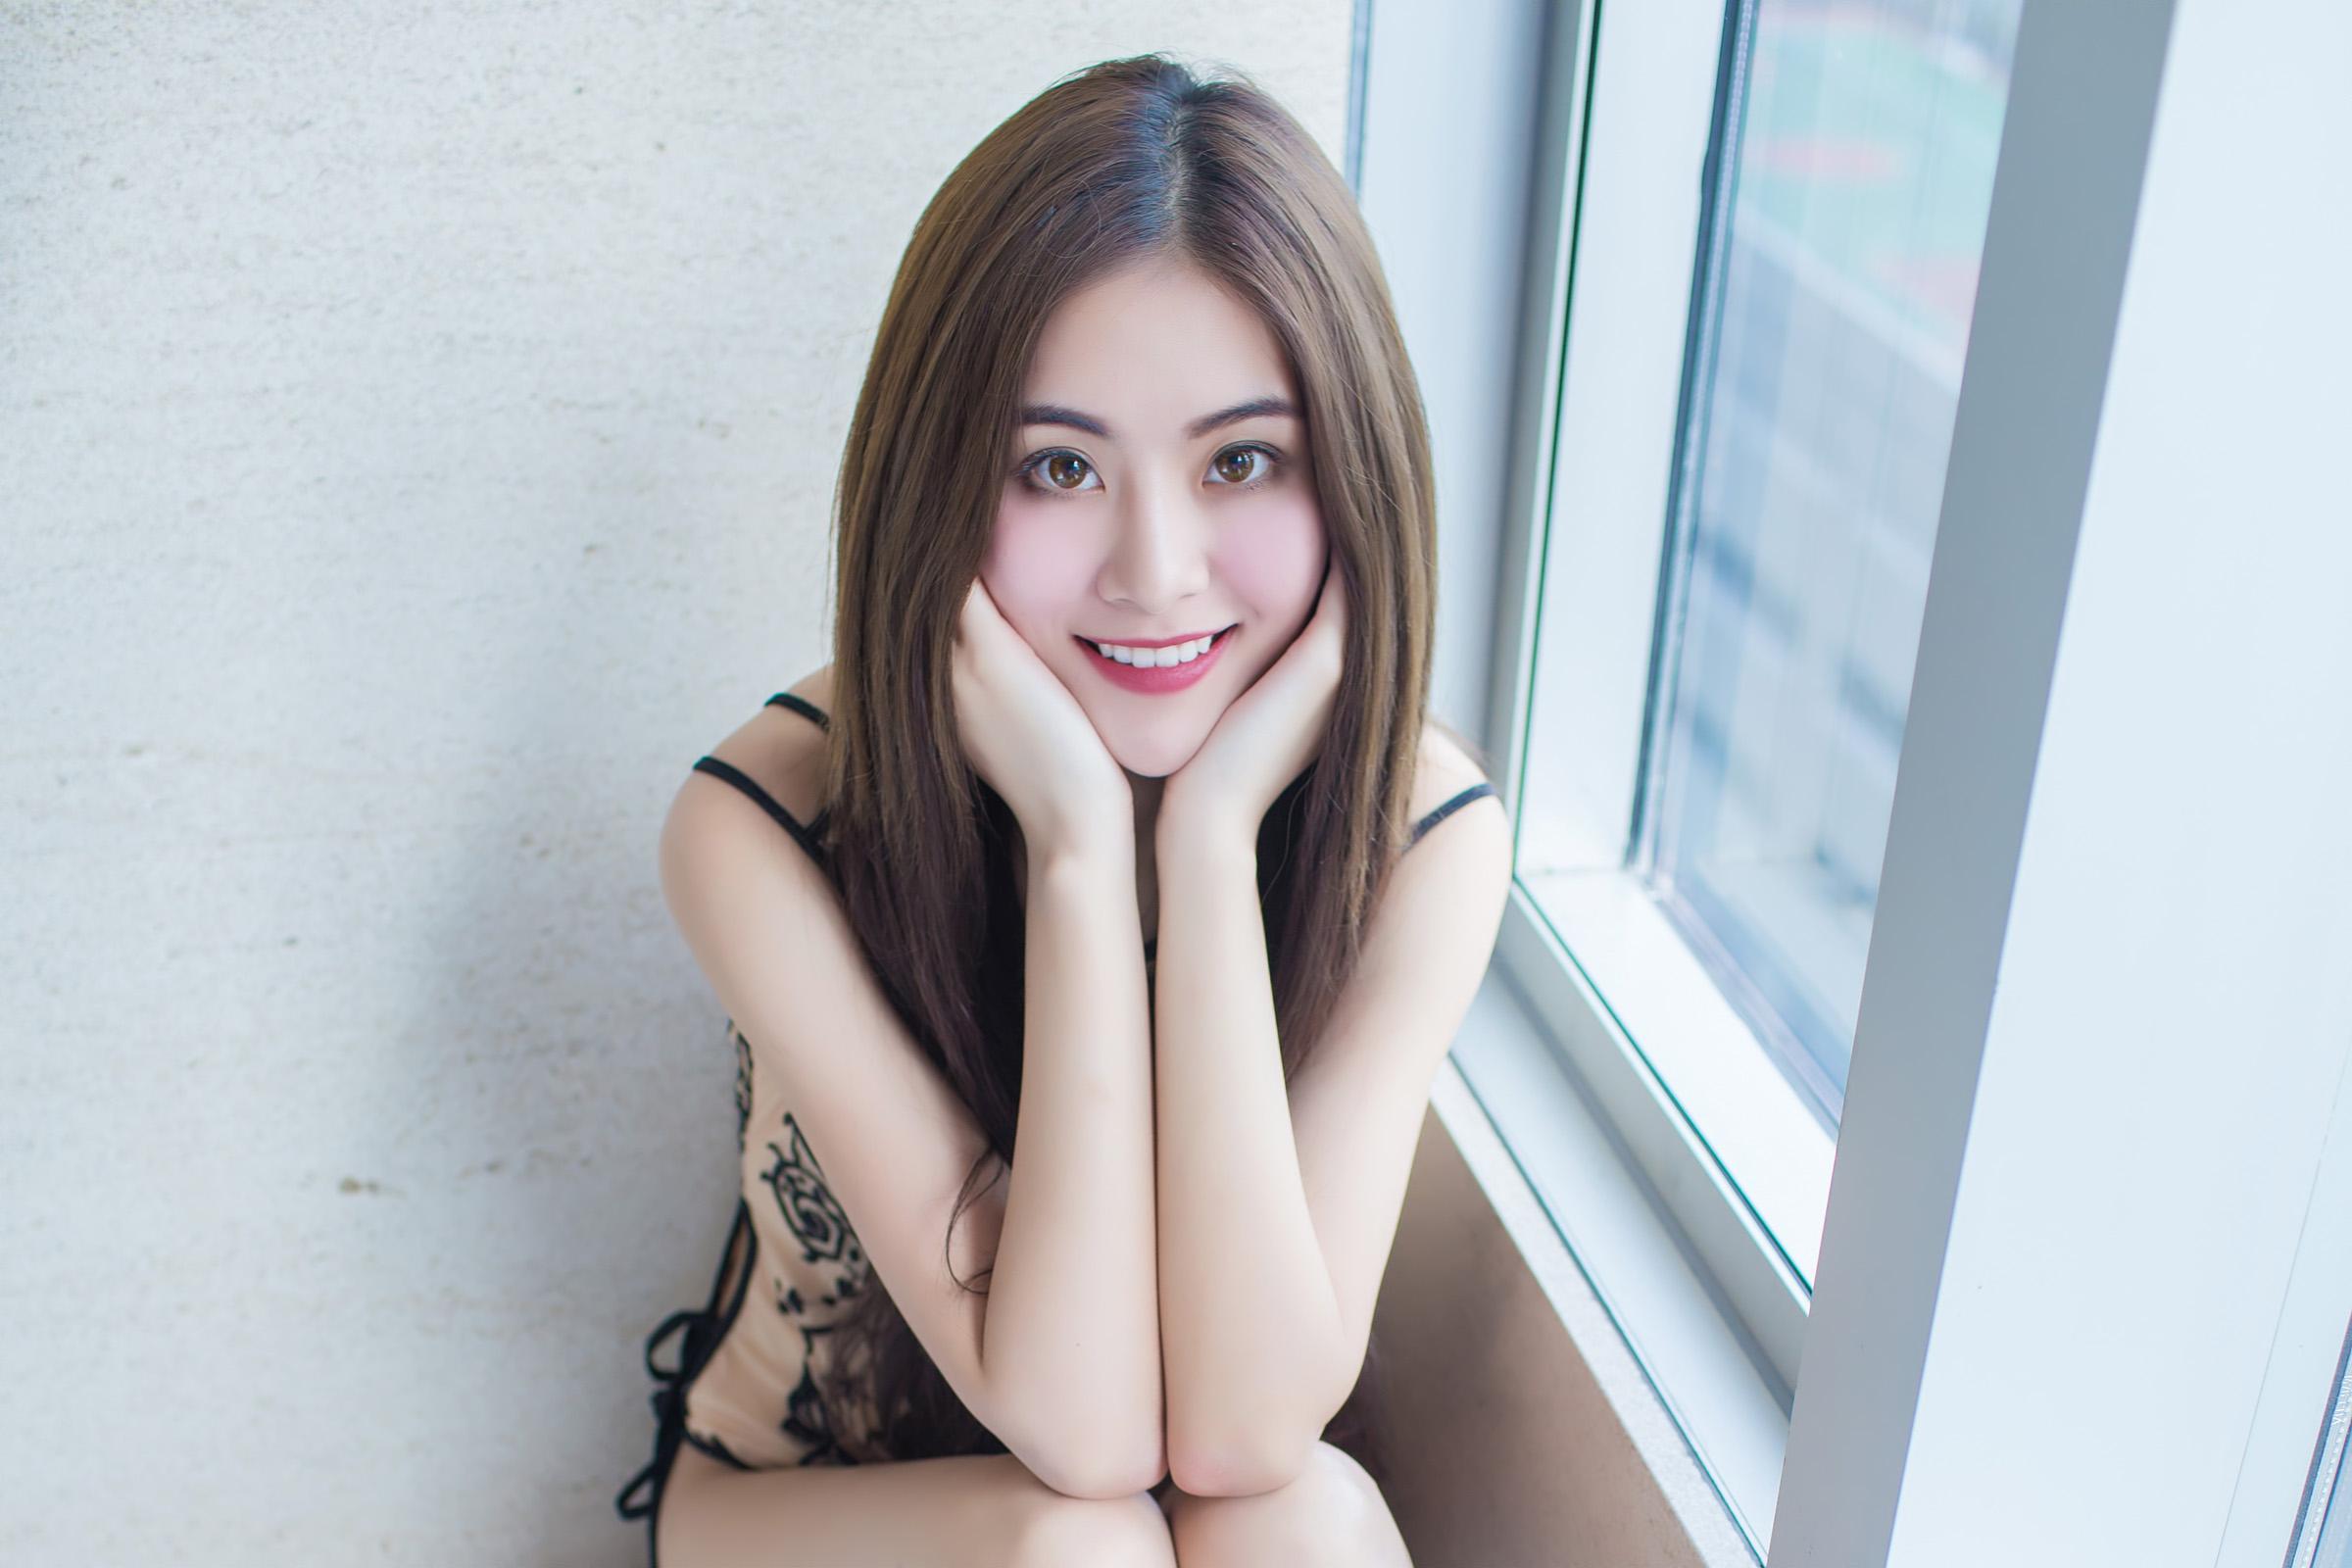 白皙嫩模★菲儿(2) - 花雕美图苑 - 花雕美图苑